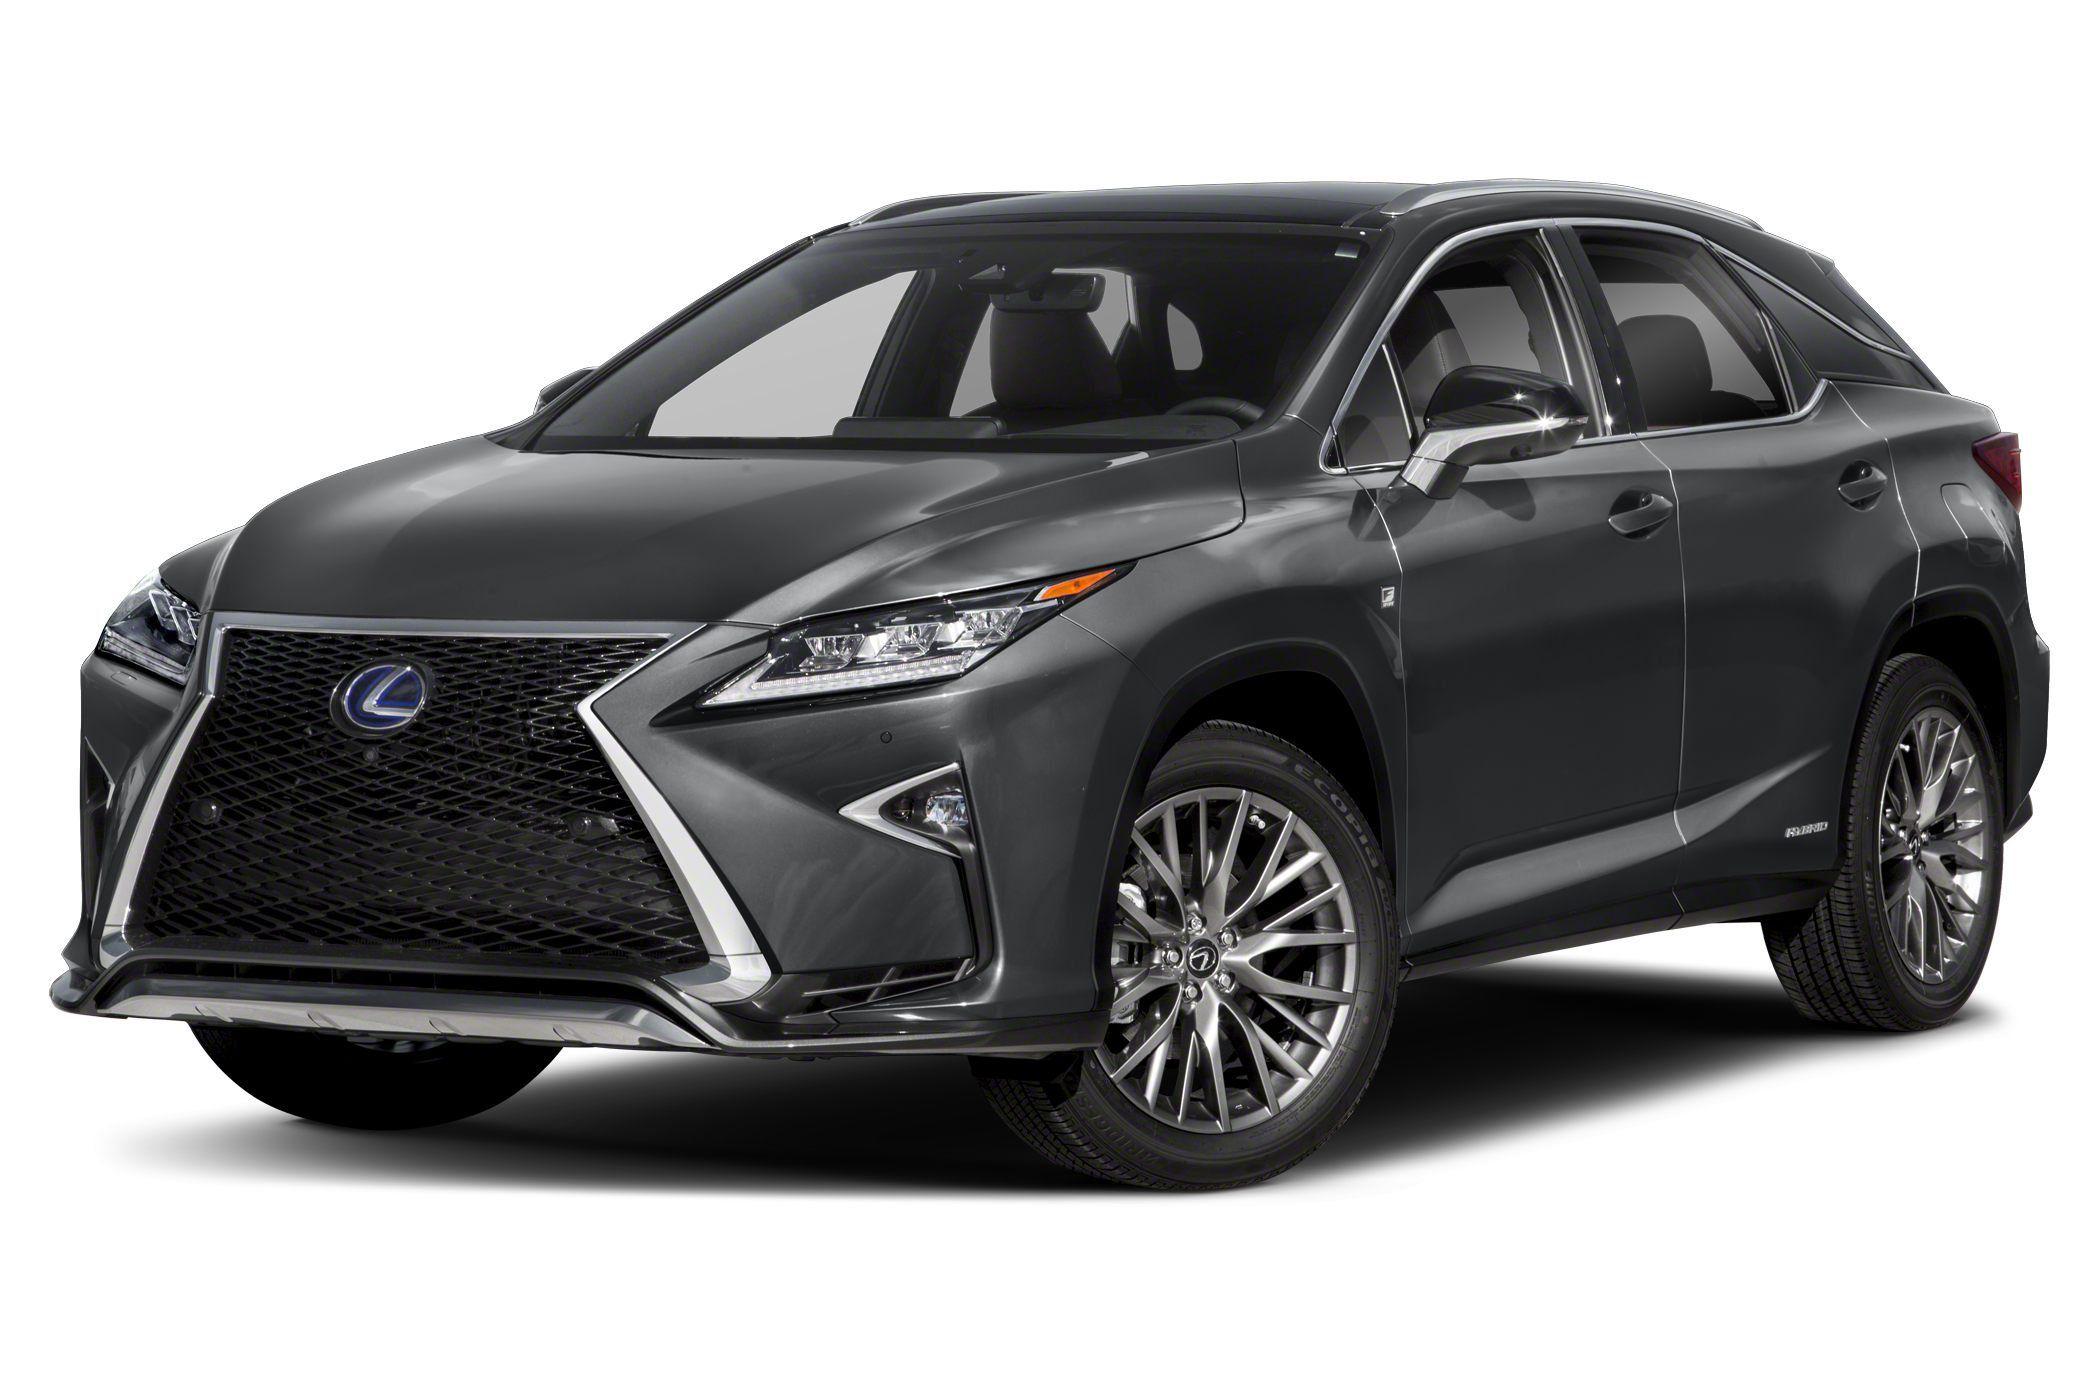 2021 Lexus Tx 350 Price, Design and Review in 2020 Lexus